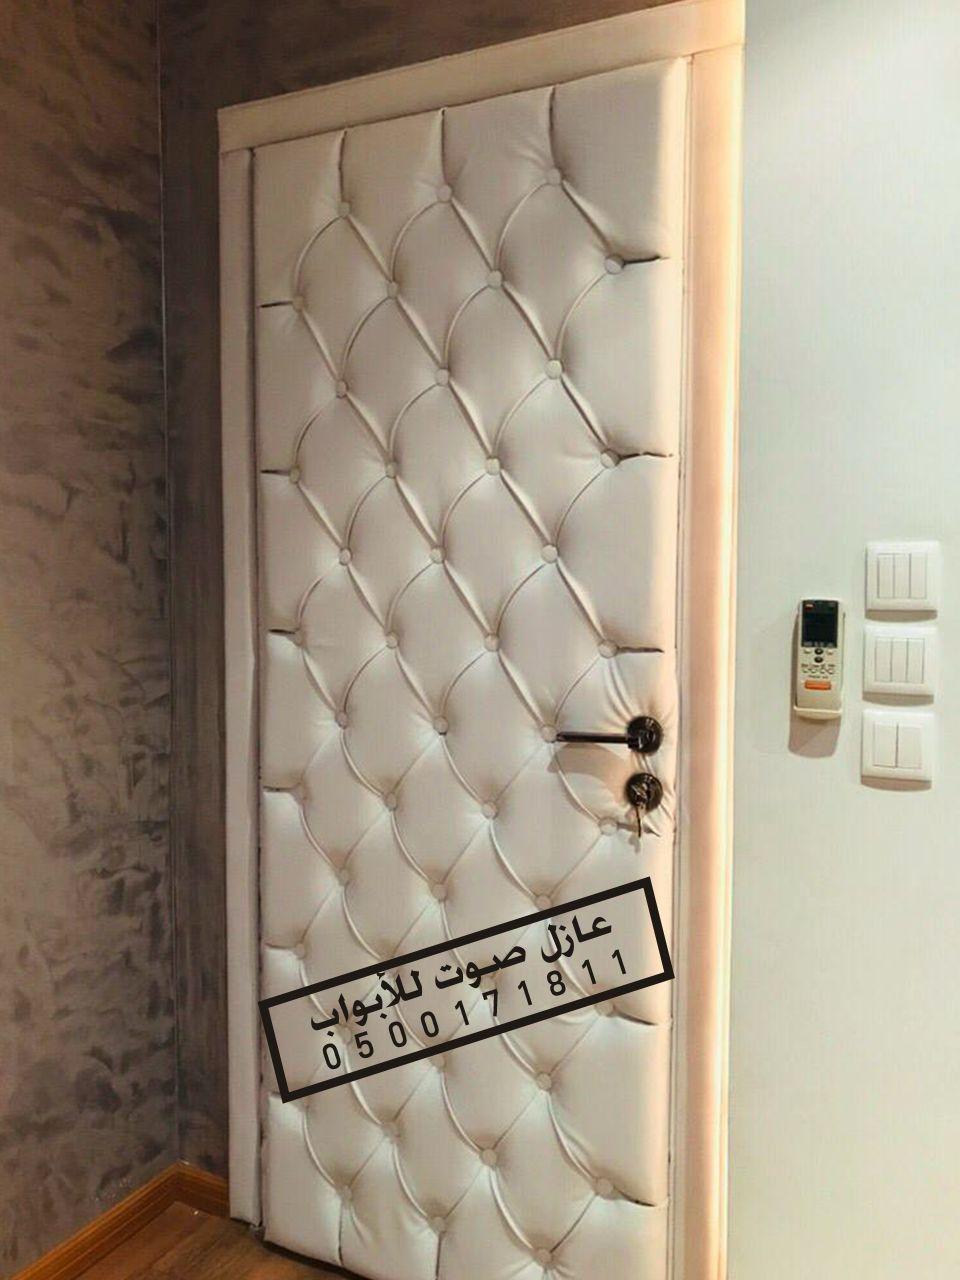 عازل للأبواب ضد الصوت و الغبار و الحرارة و الرطوبة و الروائح